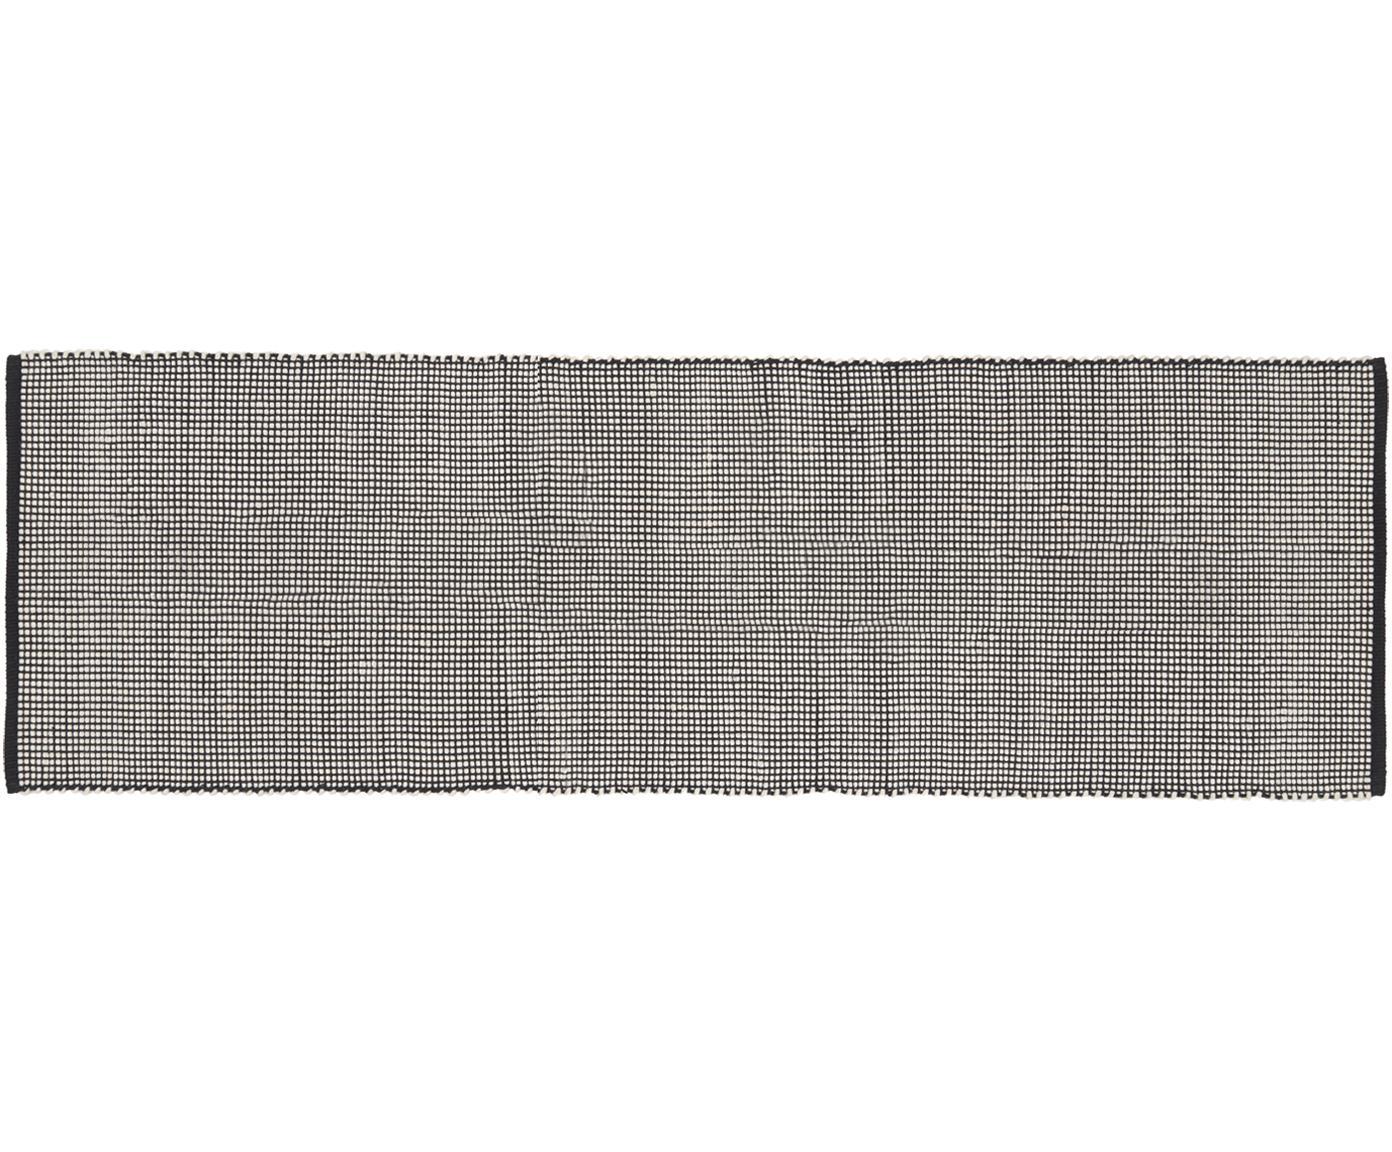 Handgewebter Wollläufer Amaro in Schwarz/Creme, 38% Wolle, 22% Polyester, 20% Baumwolle, 20% Polyamid, Schwarz, Cremeweiss, 80 x 250 cm